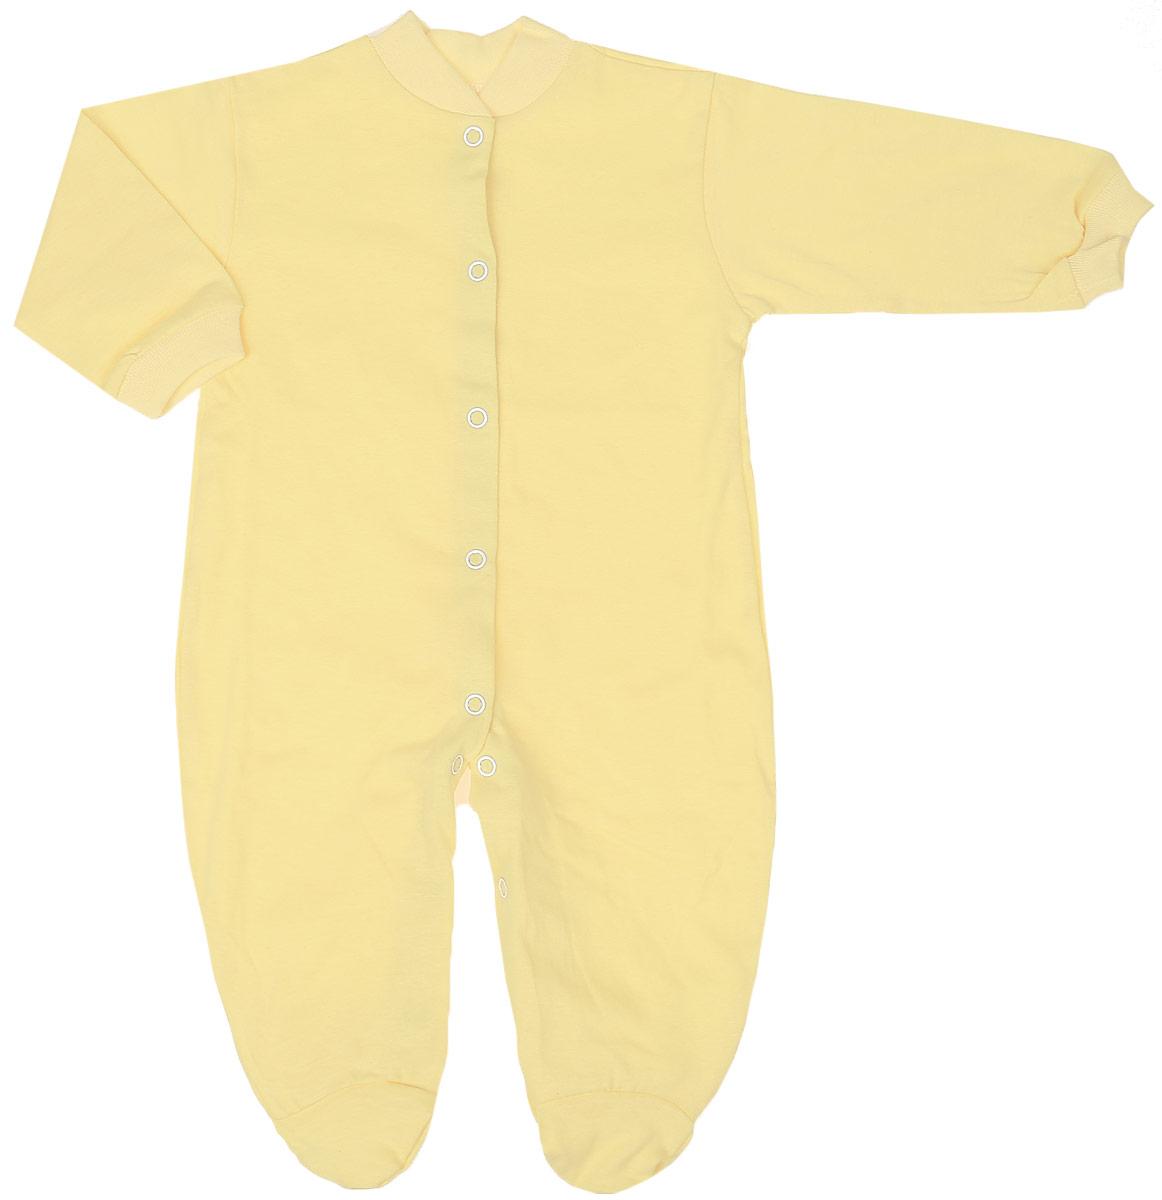 Комбинезон детский Чудесные одежки, цвет: желтый. 5801. Размер 685801Удобный детский комбинезон Чудесные одежки выполнен из натурального хлопка.Комбинезон с небольшим воротничком-стойкой, длинными рукавами и закрытыми ножками имеет застежки-кнопки спереди и на ластовице, которые помогают легко переодеть младенца или сменить подгузник. Воротничок и манжеты на рукавах выполнены из трикотажной эластичной резинки. Изделие оформлено в лаконичном дизайне.